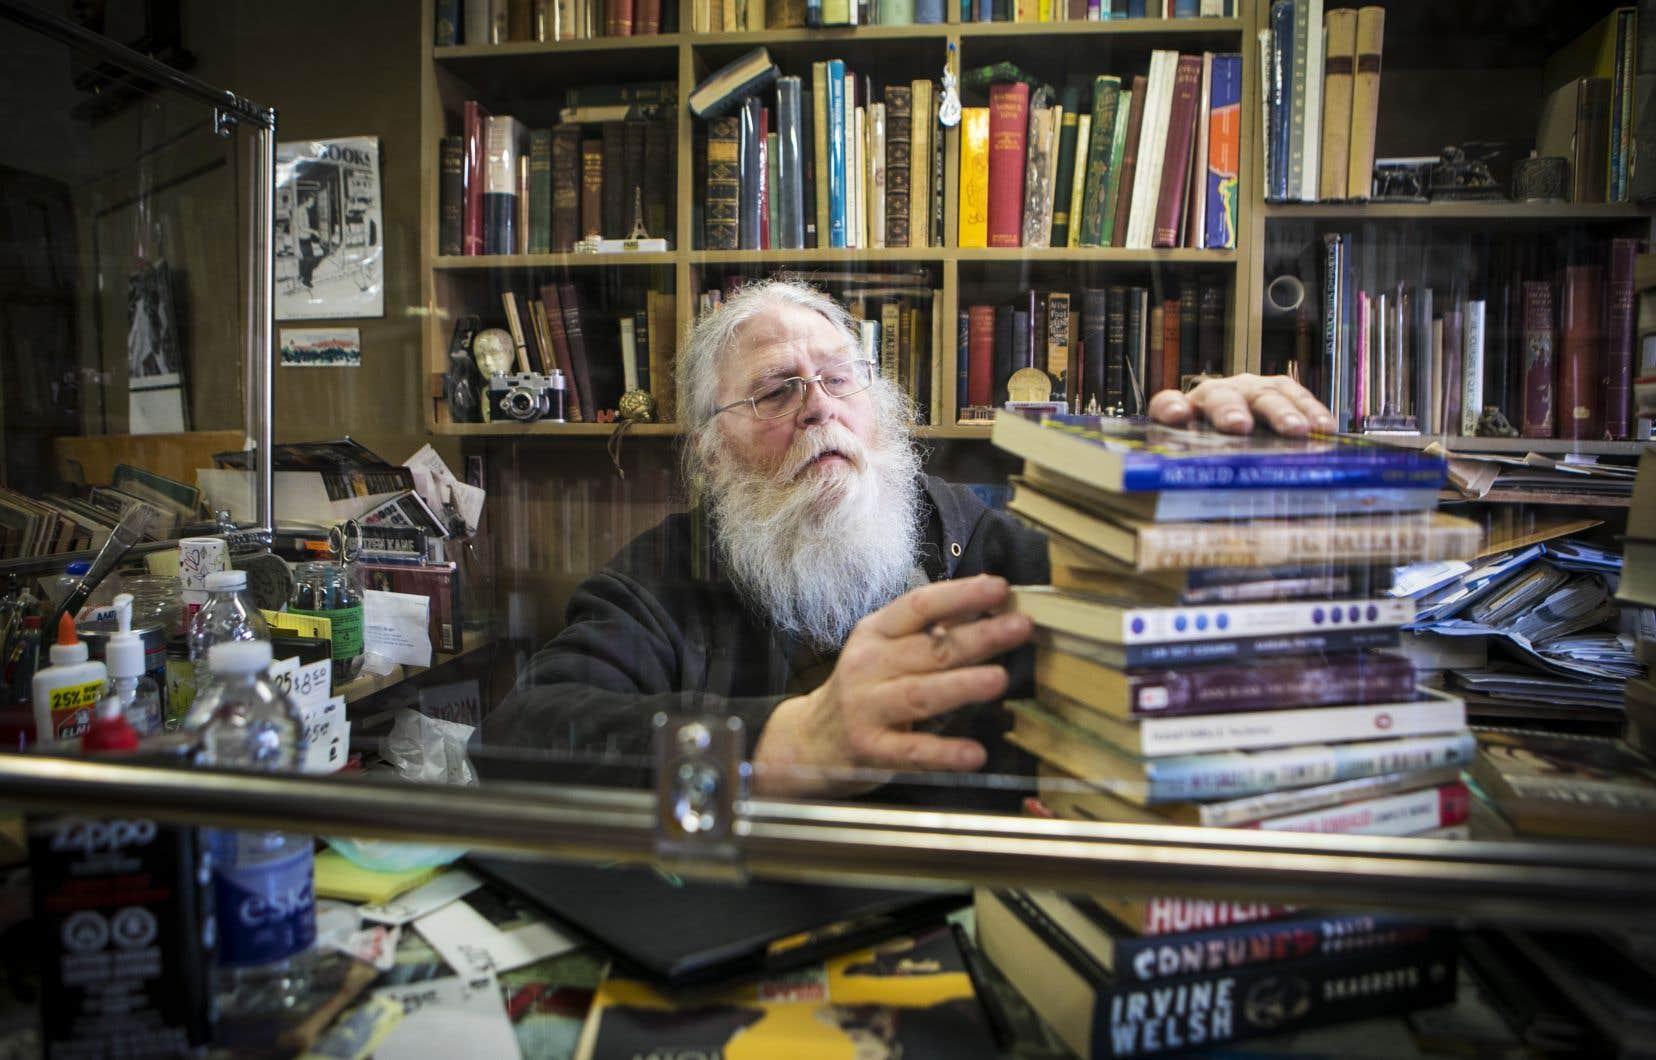 Stephen Welch est à la tête de la librairie S.W. Welch depuis 37ans, dont 14 au 225 de la rue Saint-Viateur Ouest. Le Montréalais anglophone de 70ans fermera définitivement les portes de son commerce le 1<sup>er</sup>août.